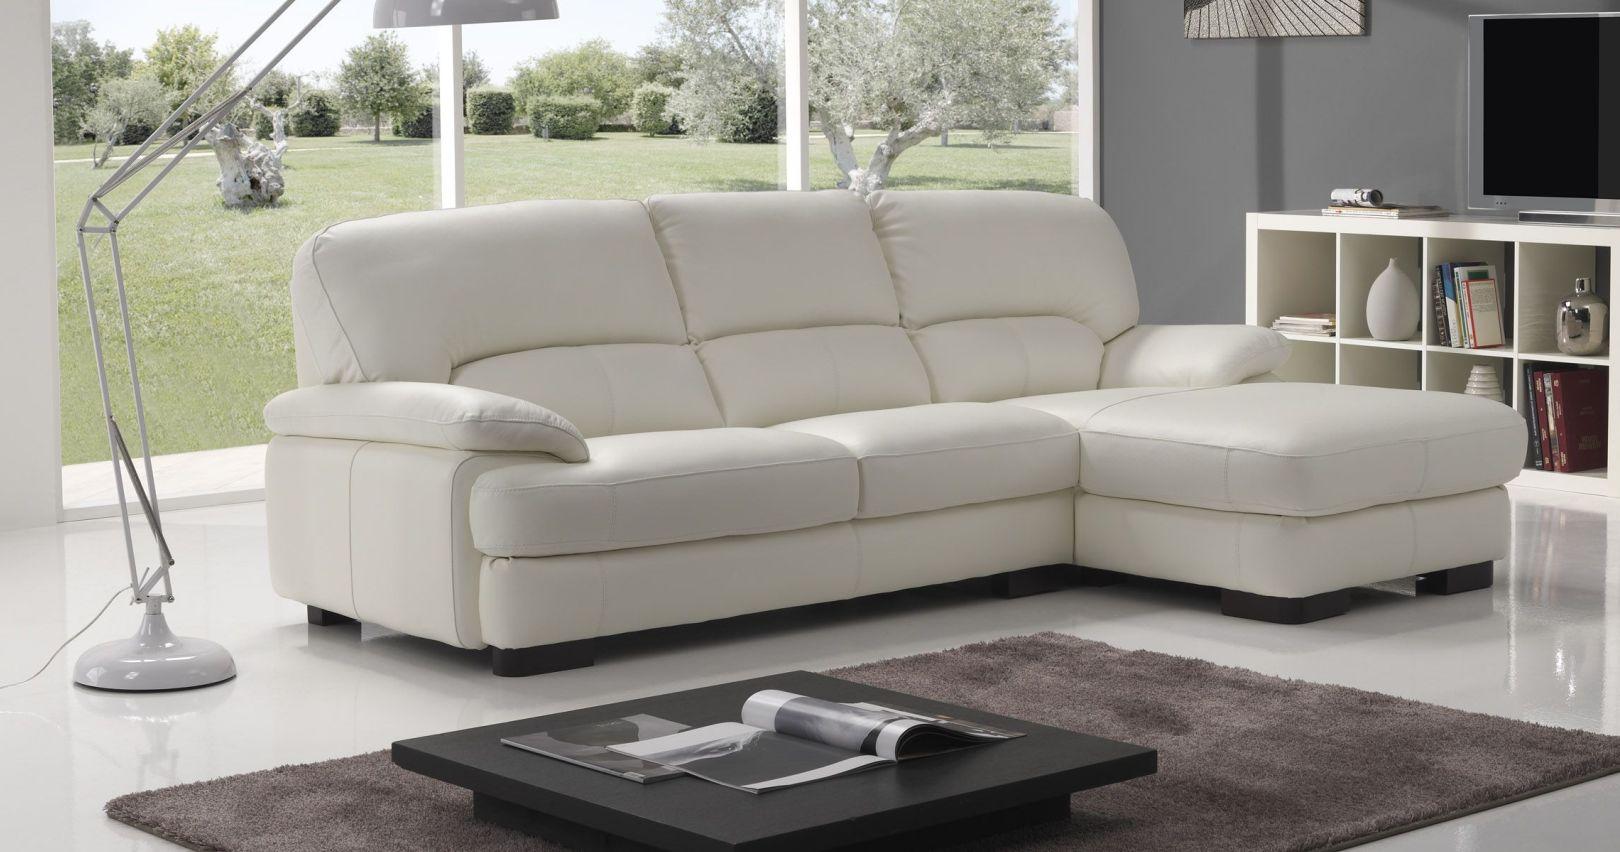 Canapé d'angle en cuir d'occasion